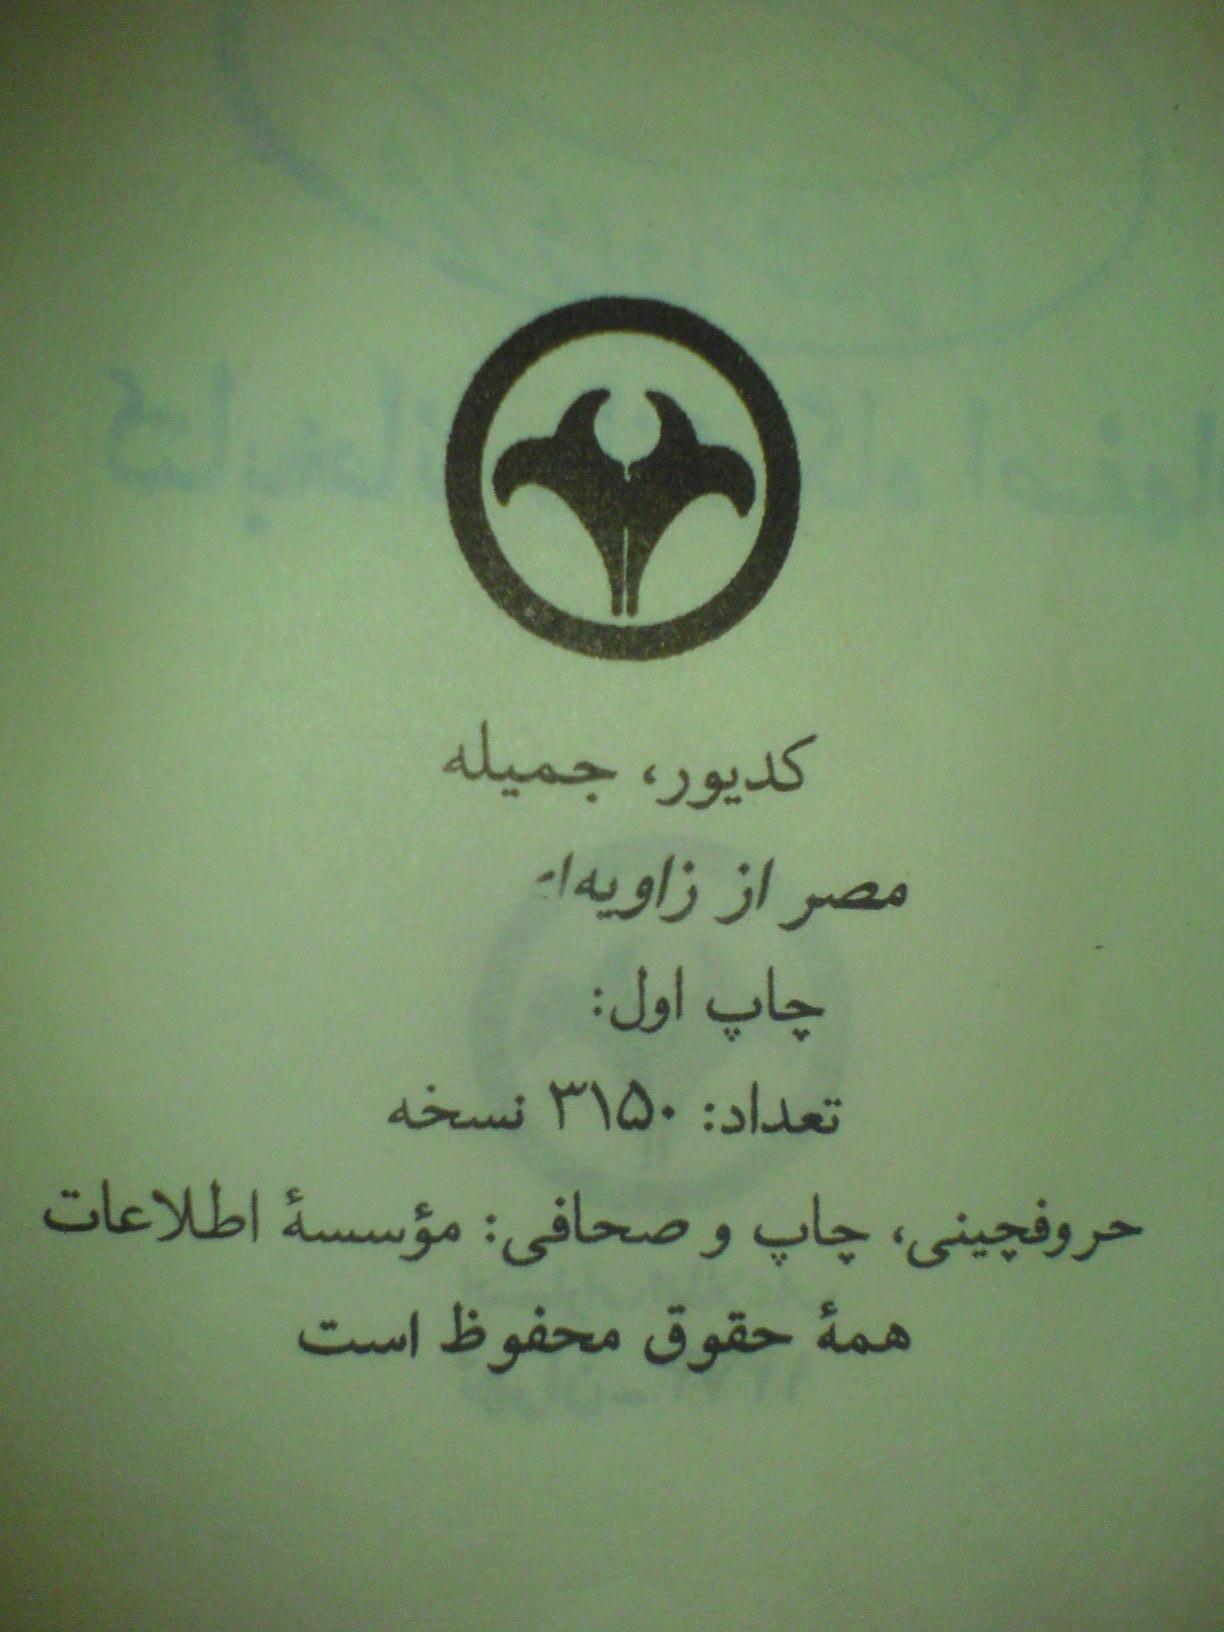 مصر از دیدگاه جمیله کدیور